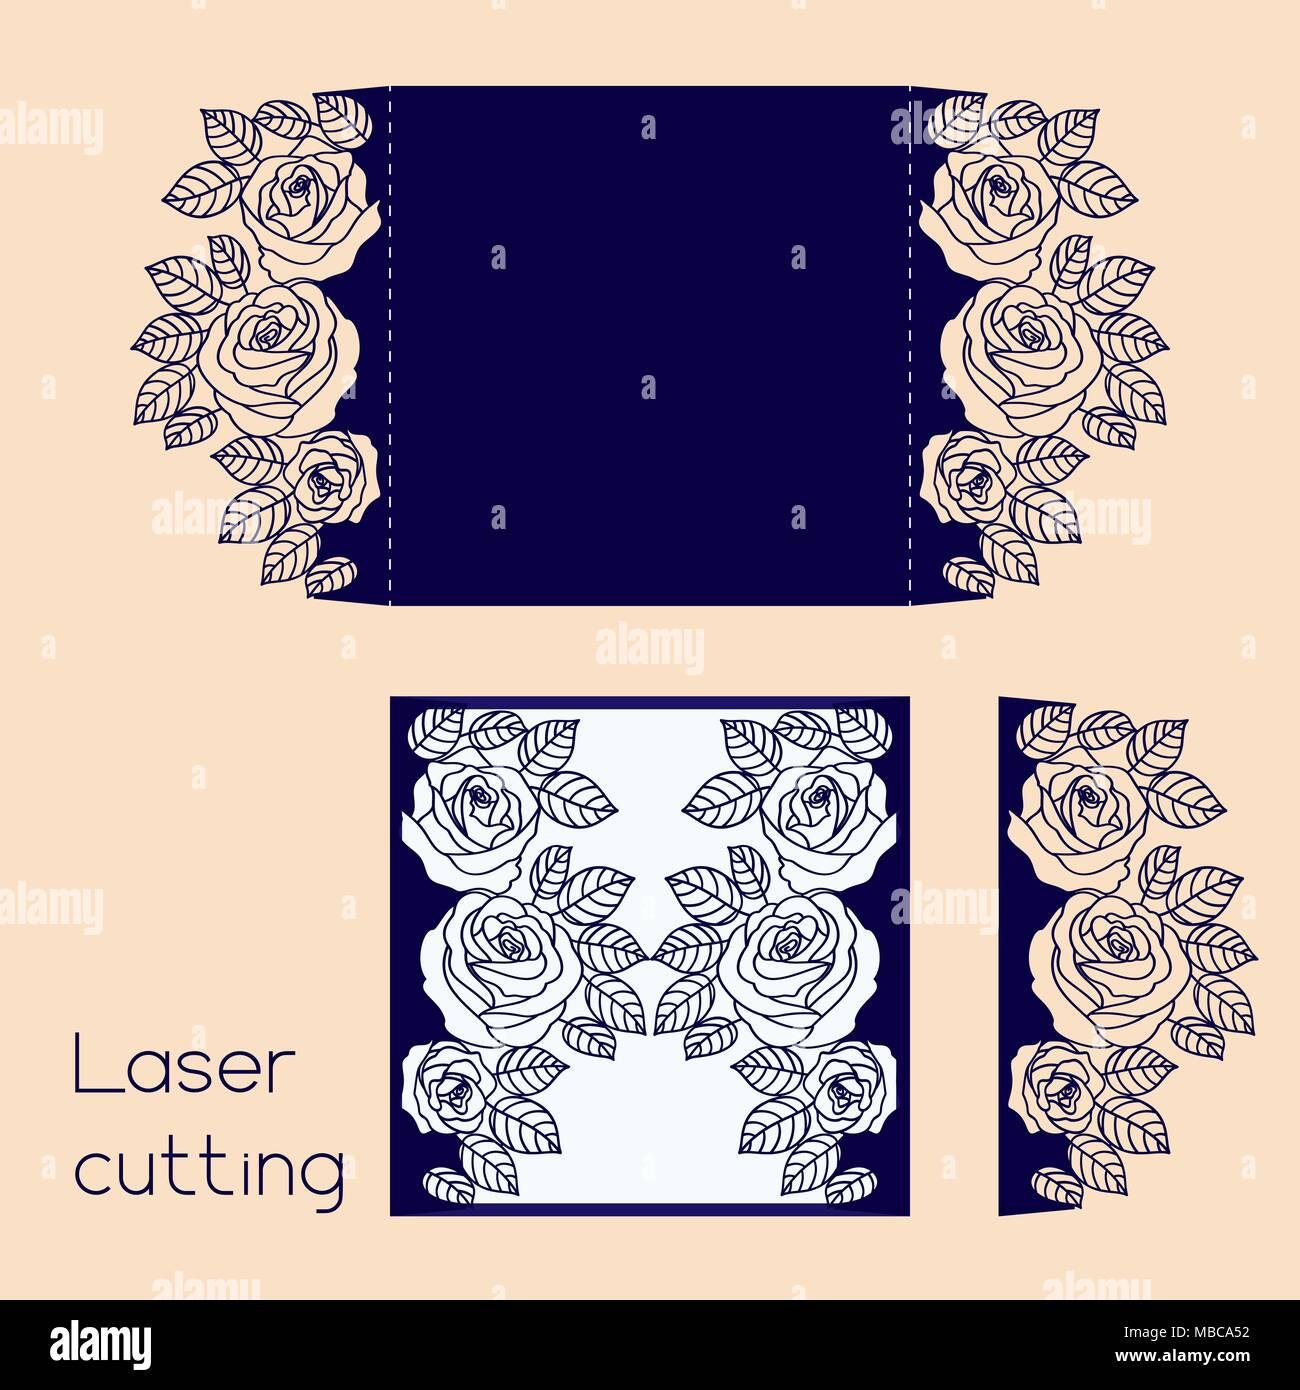 Hochzeit Einladung Umschlag mit Rosen für Laserschneiden. Vorlage ...